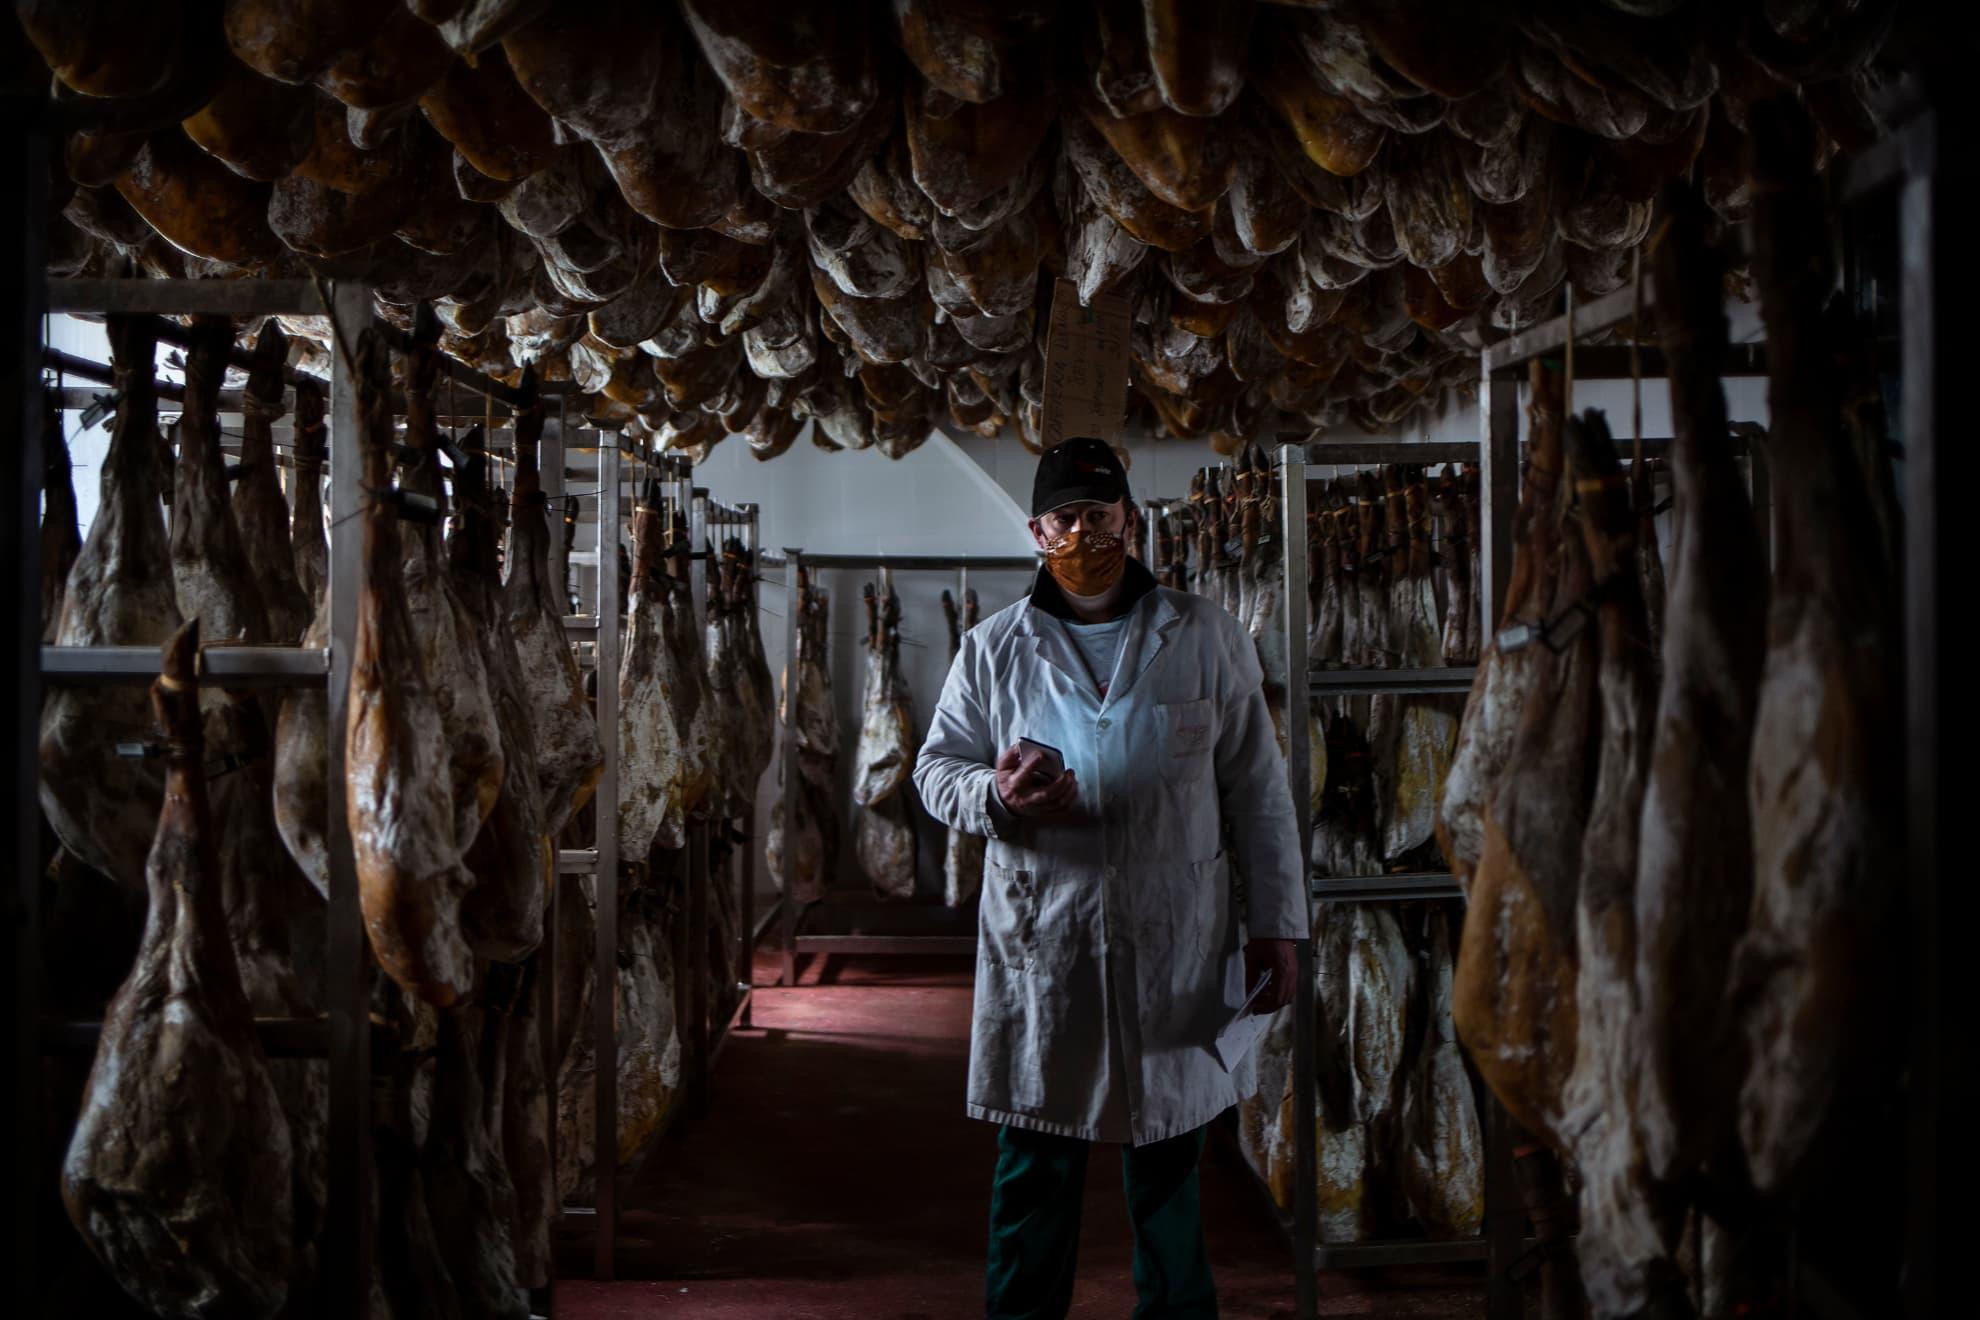 """Domingo es gerente de la empresa de productos ibéricos Eíriz, la más antigua de la Sierra de Aracena (Huelva), que cuenta ya con cinco generaciones desde su apertura en el año 1830. El 60% de su producción es Jamón de bellota 100% ibérico D.O.P, la más alta calidad en el sector. Su empresa tiene ese carácter artesanal y familiar que es justamente lo que les está salvando de la grave crisis del sector. Son cinco años al menos lo que conlleva el proceso de elaboración de un jamón ibérico de estas calidades. """"Es imposible planificar en este sentido, porque la elaboración de mis productos es a años vista. Hemos perdido la venta de restaurantes y ferias de primavera, pero todavía no hemos notado un gran golpe. Quizá lo peor venga ahora, no sé. Lo peor de esta crisis del COVID-19 es la incertidumbre. No sabemos fechas de apertura y nuestro producto tiene caducidad. Hay grandes productores en este sector que están realmente mal. Yo he tenido que cancelar toda la actividad de mi empresa dedicada al turismo gastronómico, por ahí he perdido todo, pero en cuanto a venta voy manteniendo. Yo creo que la clave es ser previsor"""". Su empresa empezó a utilizar el 15 de enero el uso obligatorio de mascarillas a los visitantes de sus instalaciones de turismo gastronómico (60% es turismo internacional procedente especialmente de China). El 30 de enero ordenó cancelar numerosos grupos, ya confirmados, para visitar sus instalaciones: un mes y medio antes de que se decretara el Estado de Alarma en España. El pasado viernes, puso en marcha su tienda de venta online: """"podemos lamentarnos o buscar soluciones. Prefiero lo segundo""""."""